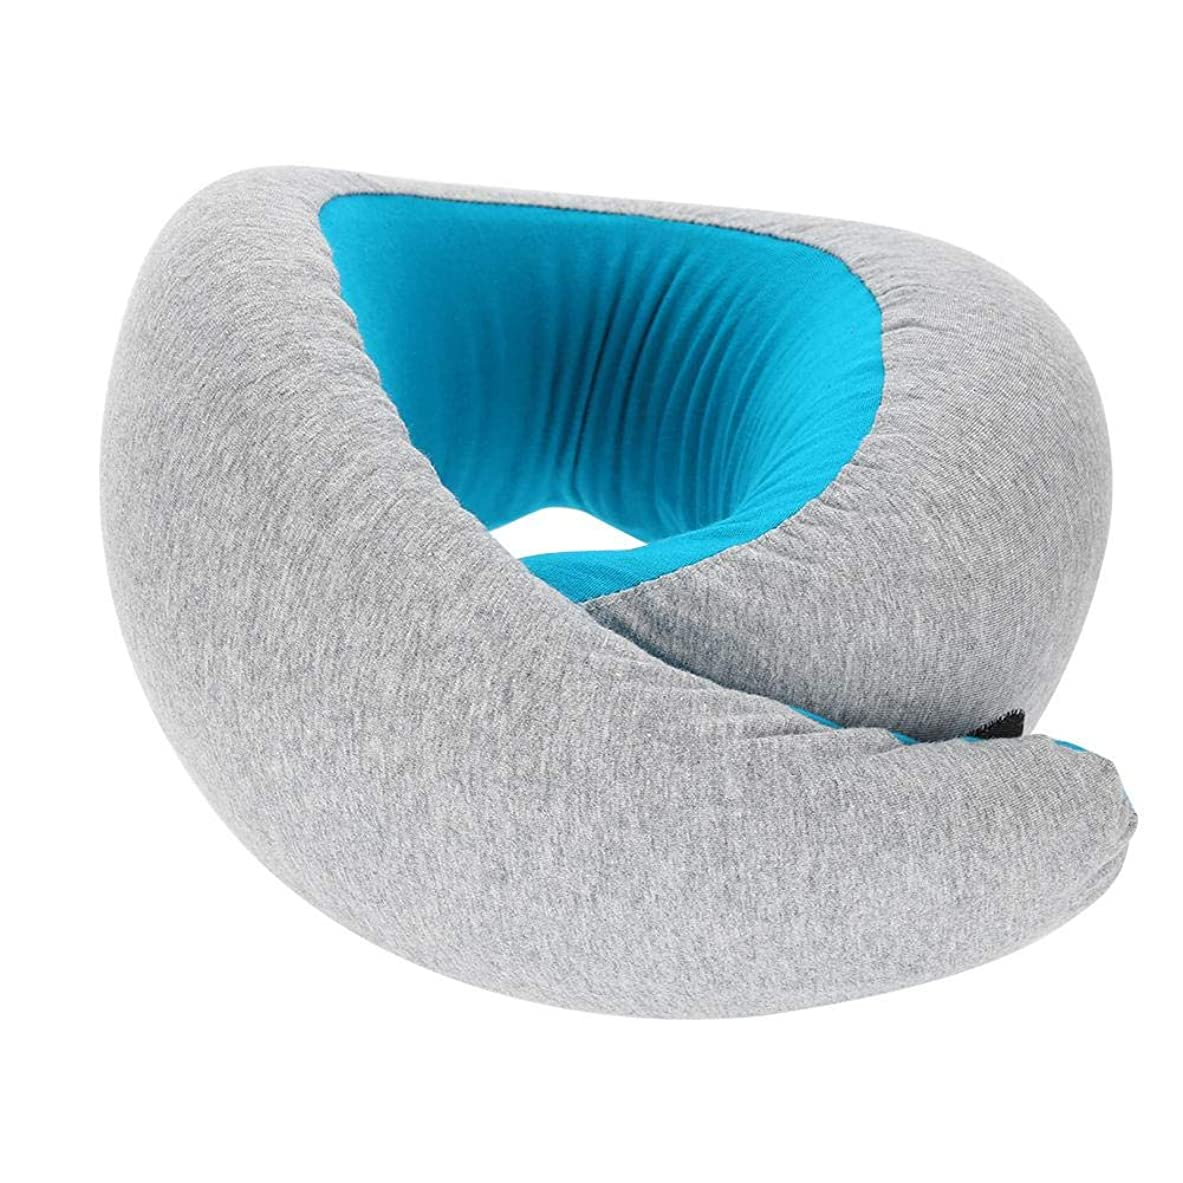 呼吸する空洞クリスチャン旅行ネックピロー、スーパーソフトメモリフォーム U字型ネックピロー 快適な伸縮性 ファブリックカバー付き 旅行枕 ネックサポート